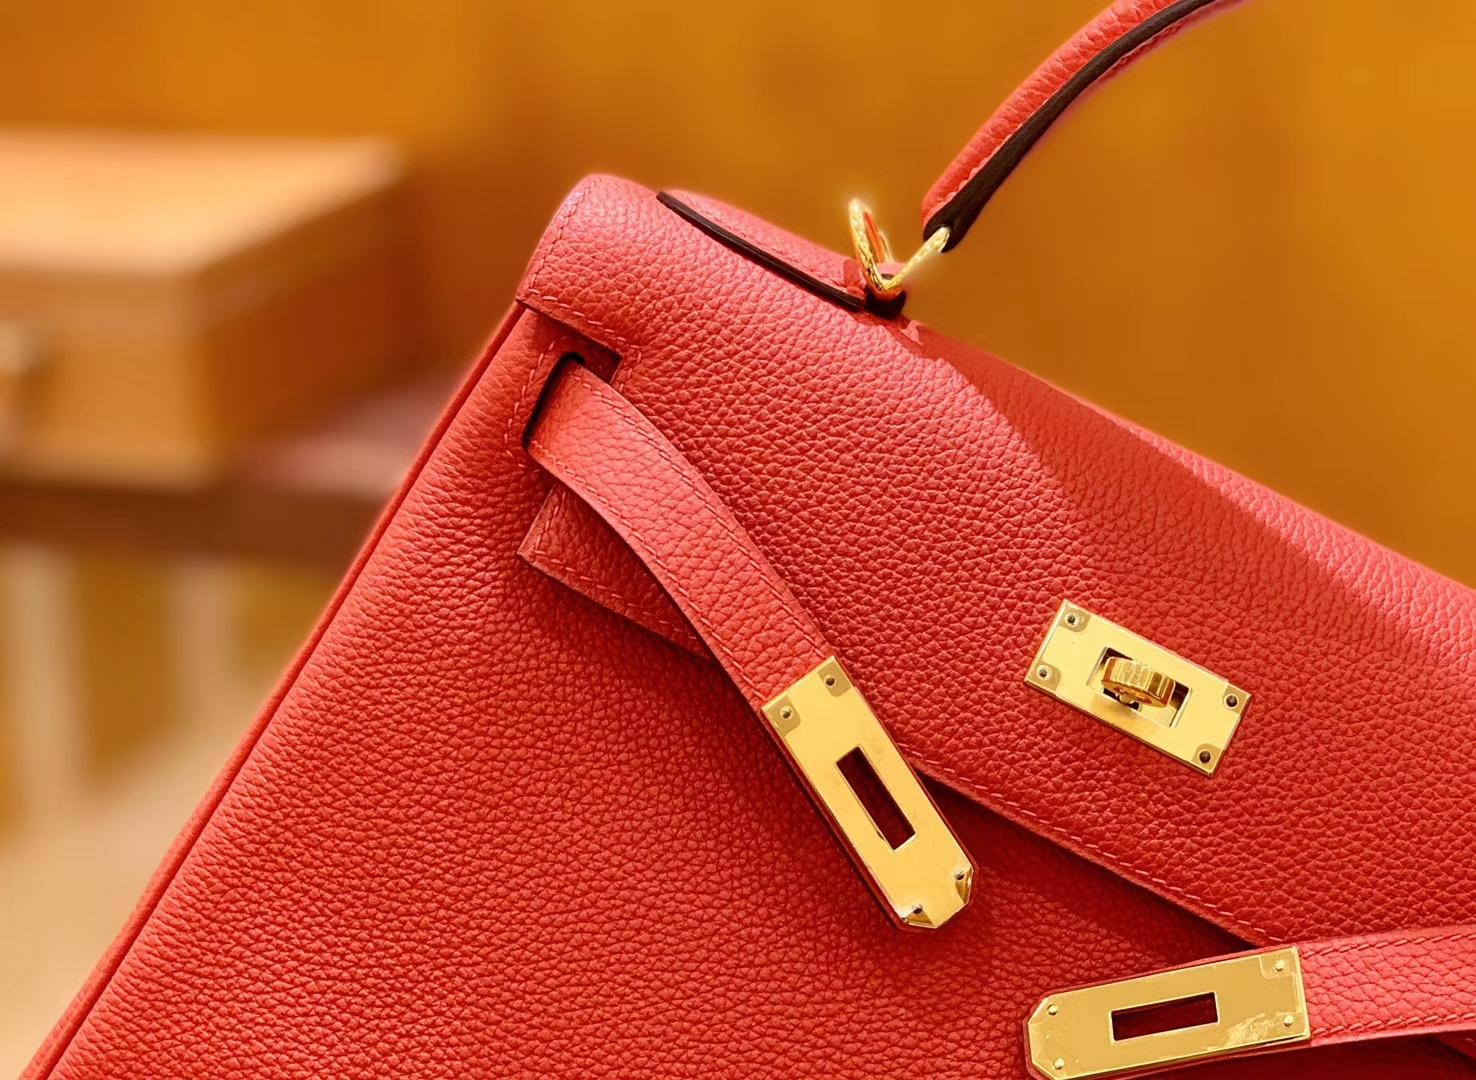 Hermès(爱马仕)Kelly 28cm 蕃茄红 金扣 Togo牛皮 全手工缝制 现货